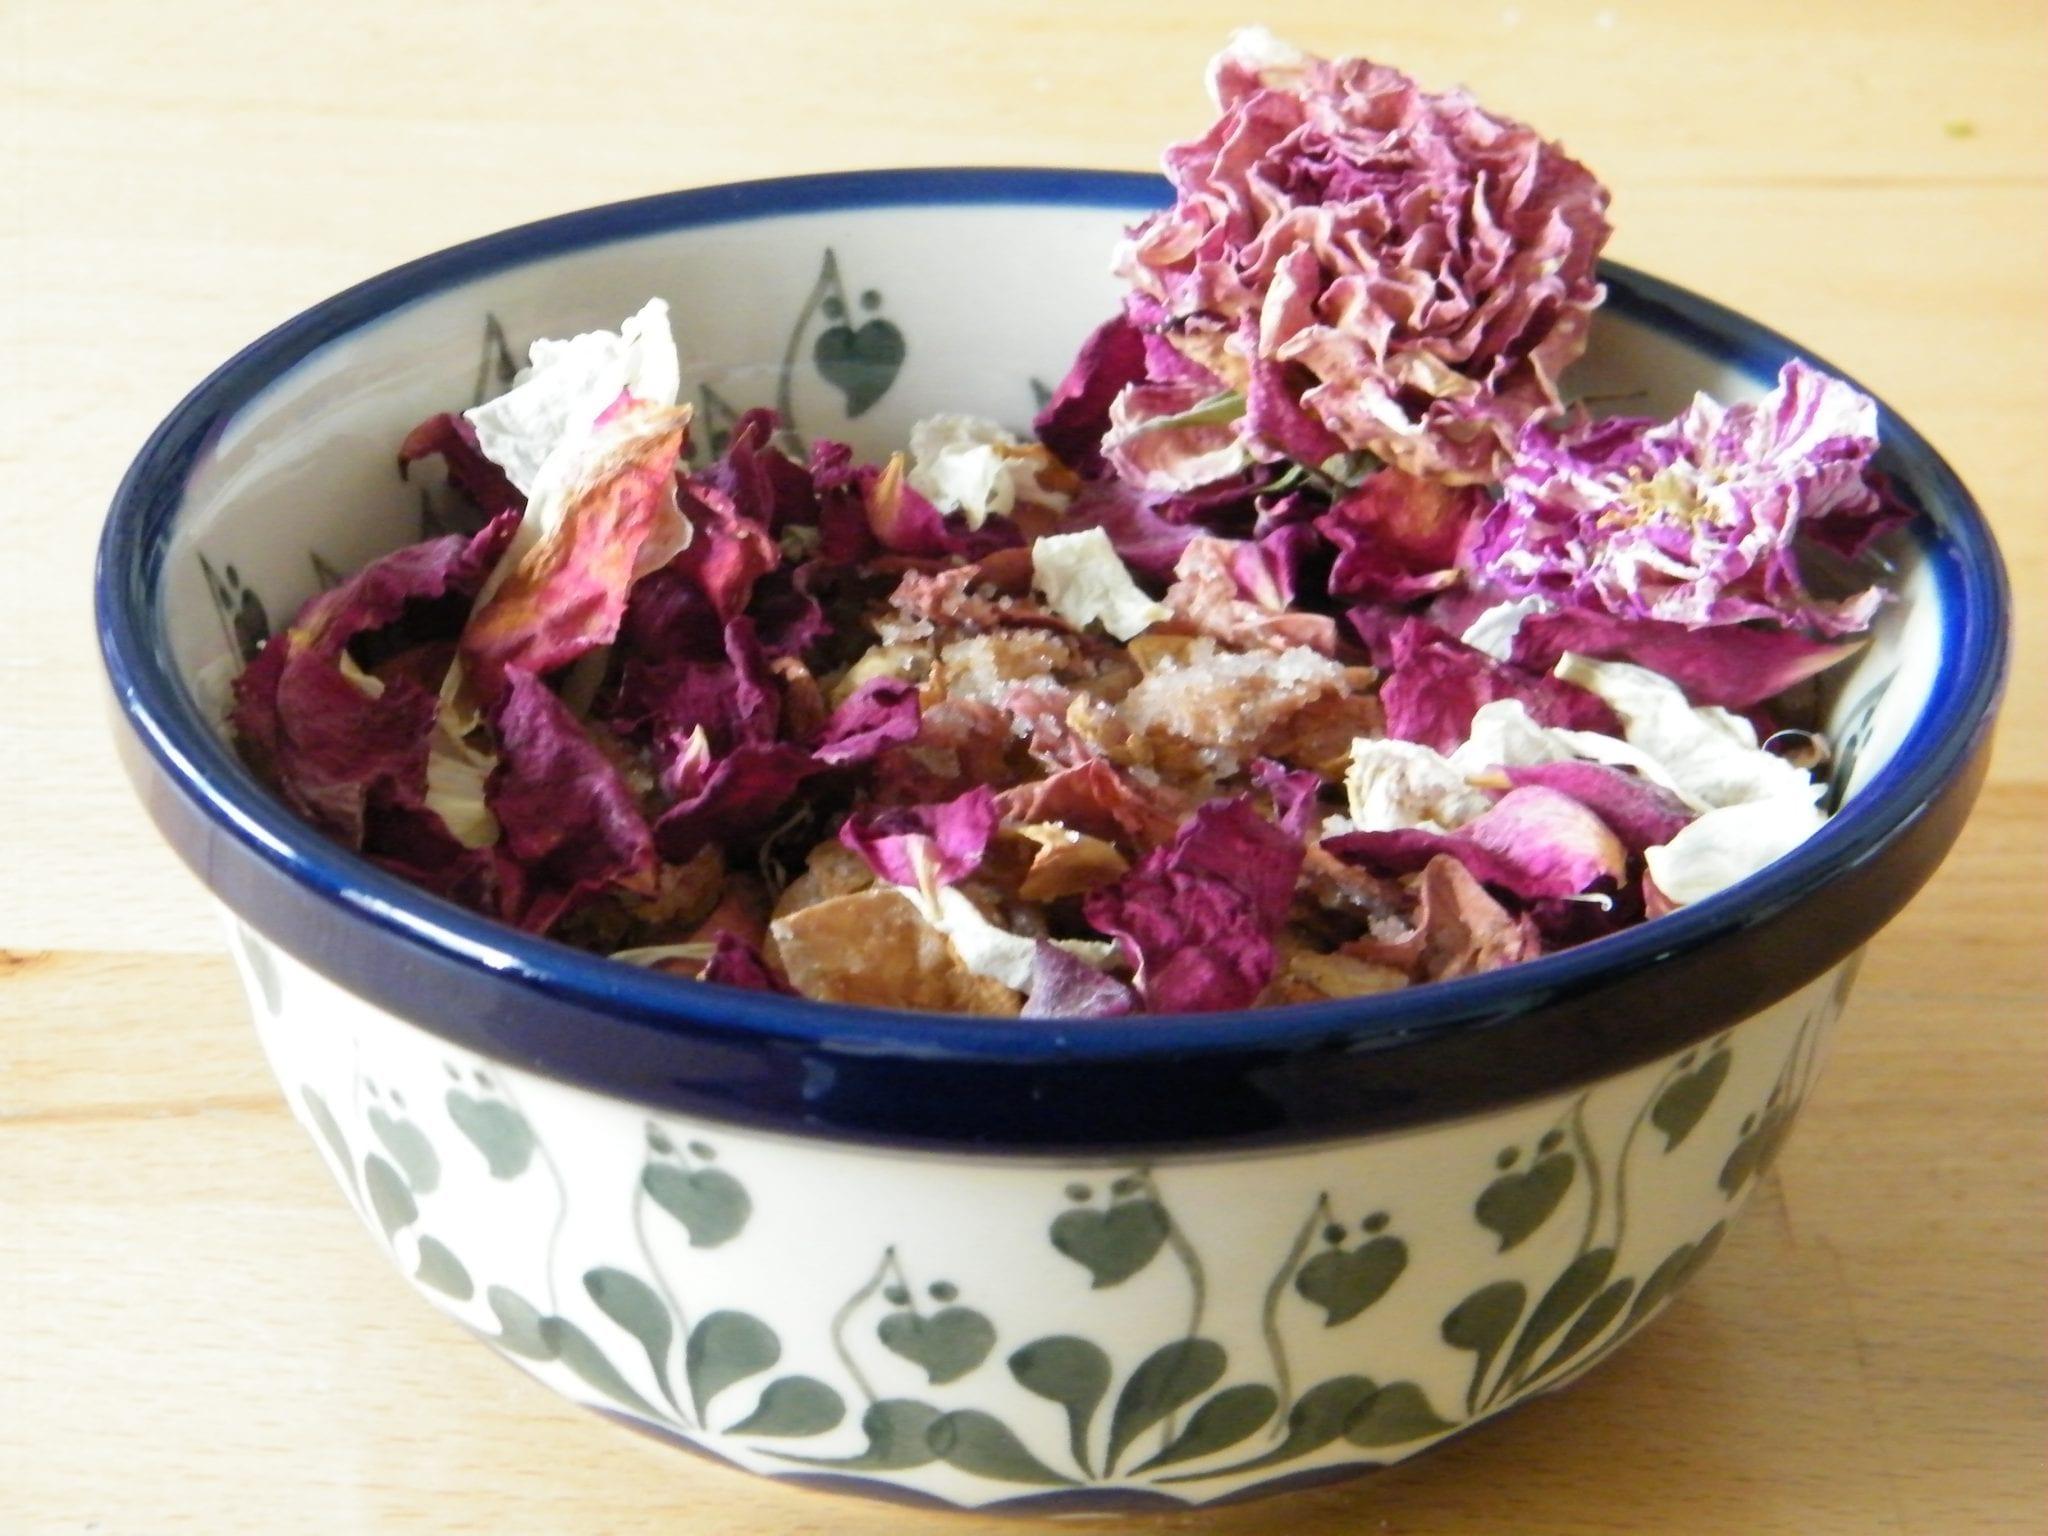 handmade potpourri recipe in bowl